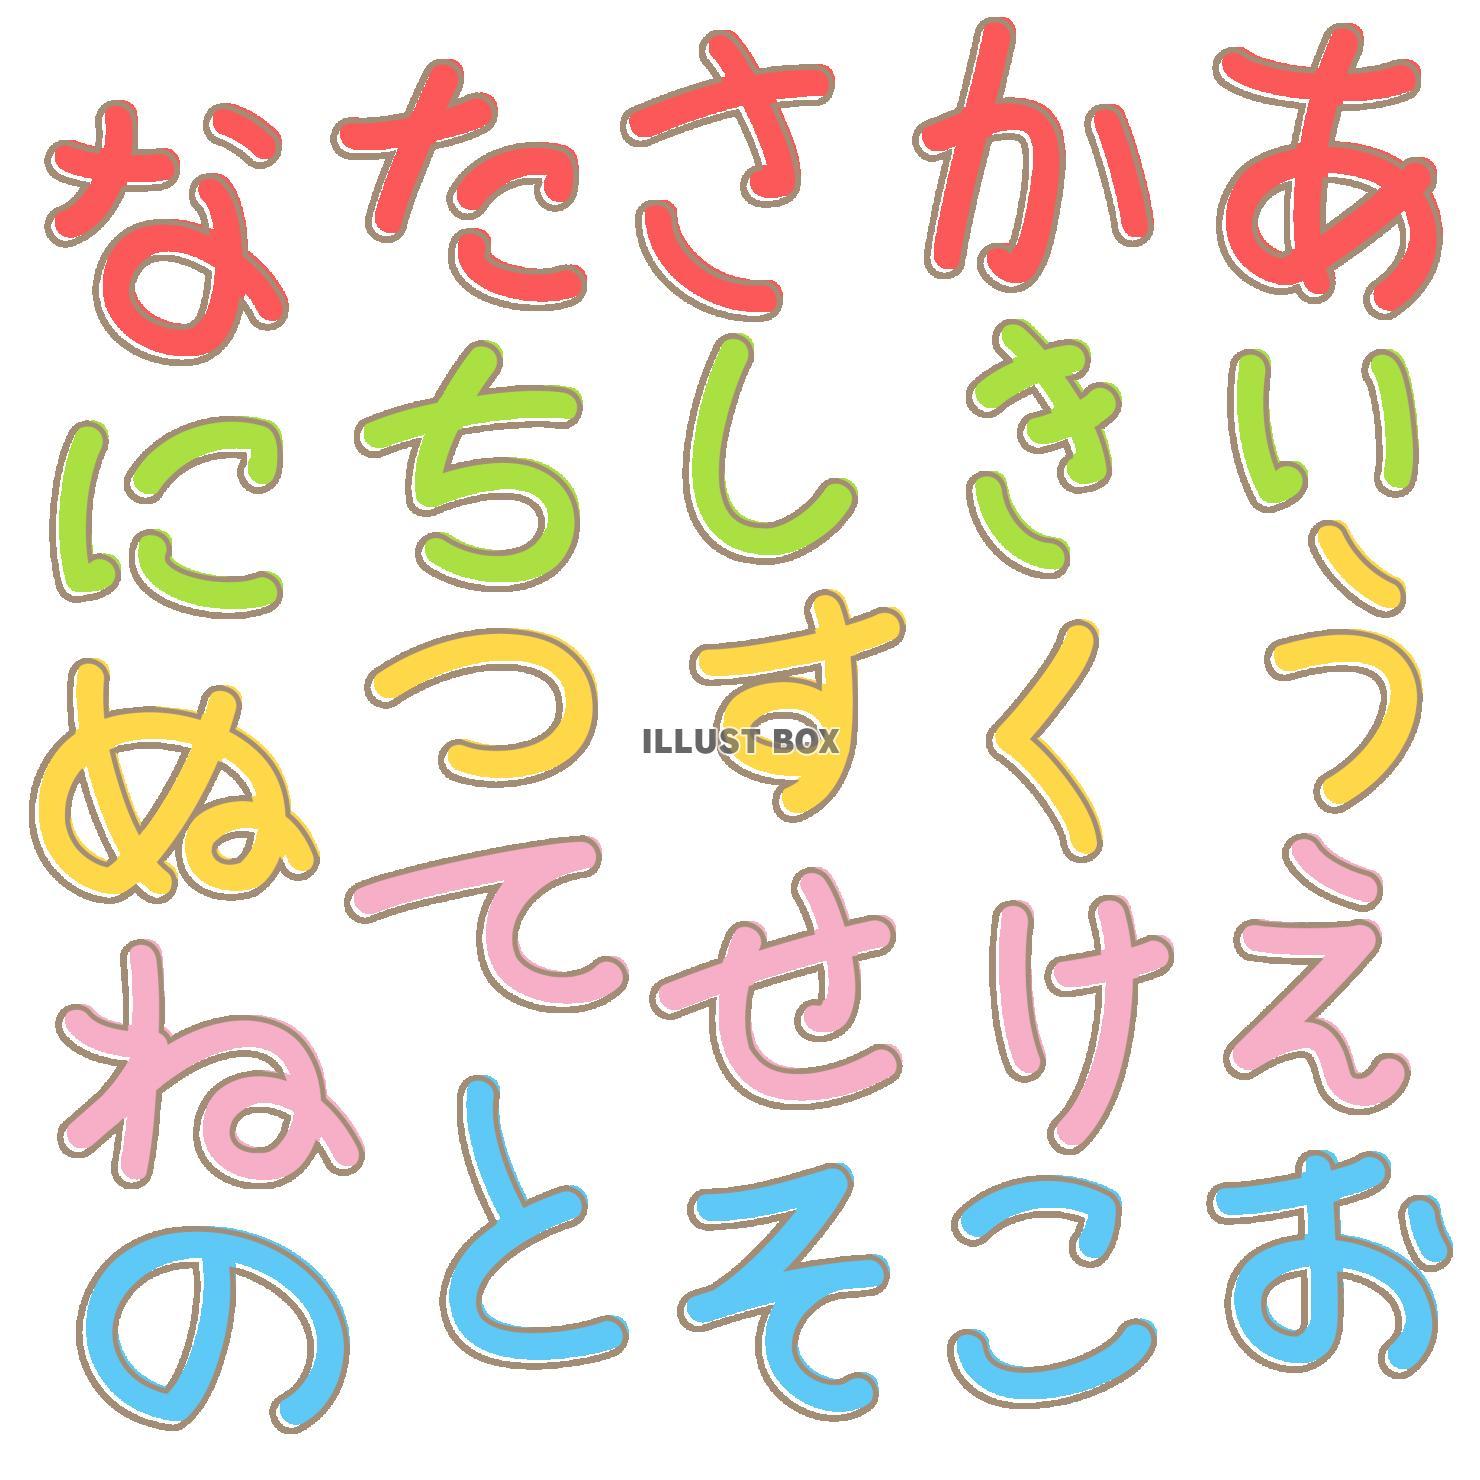 ゆる文字セット - アルファベット・大文字